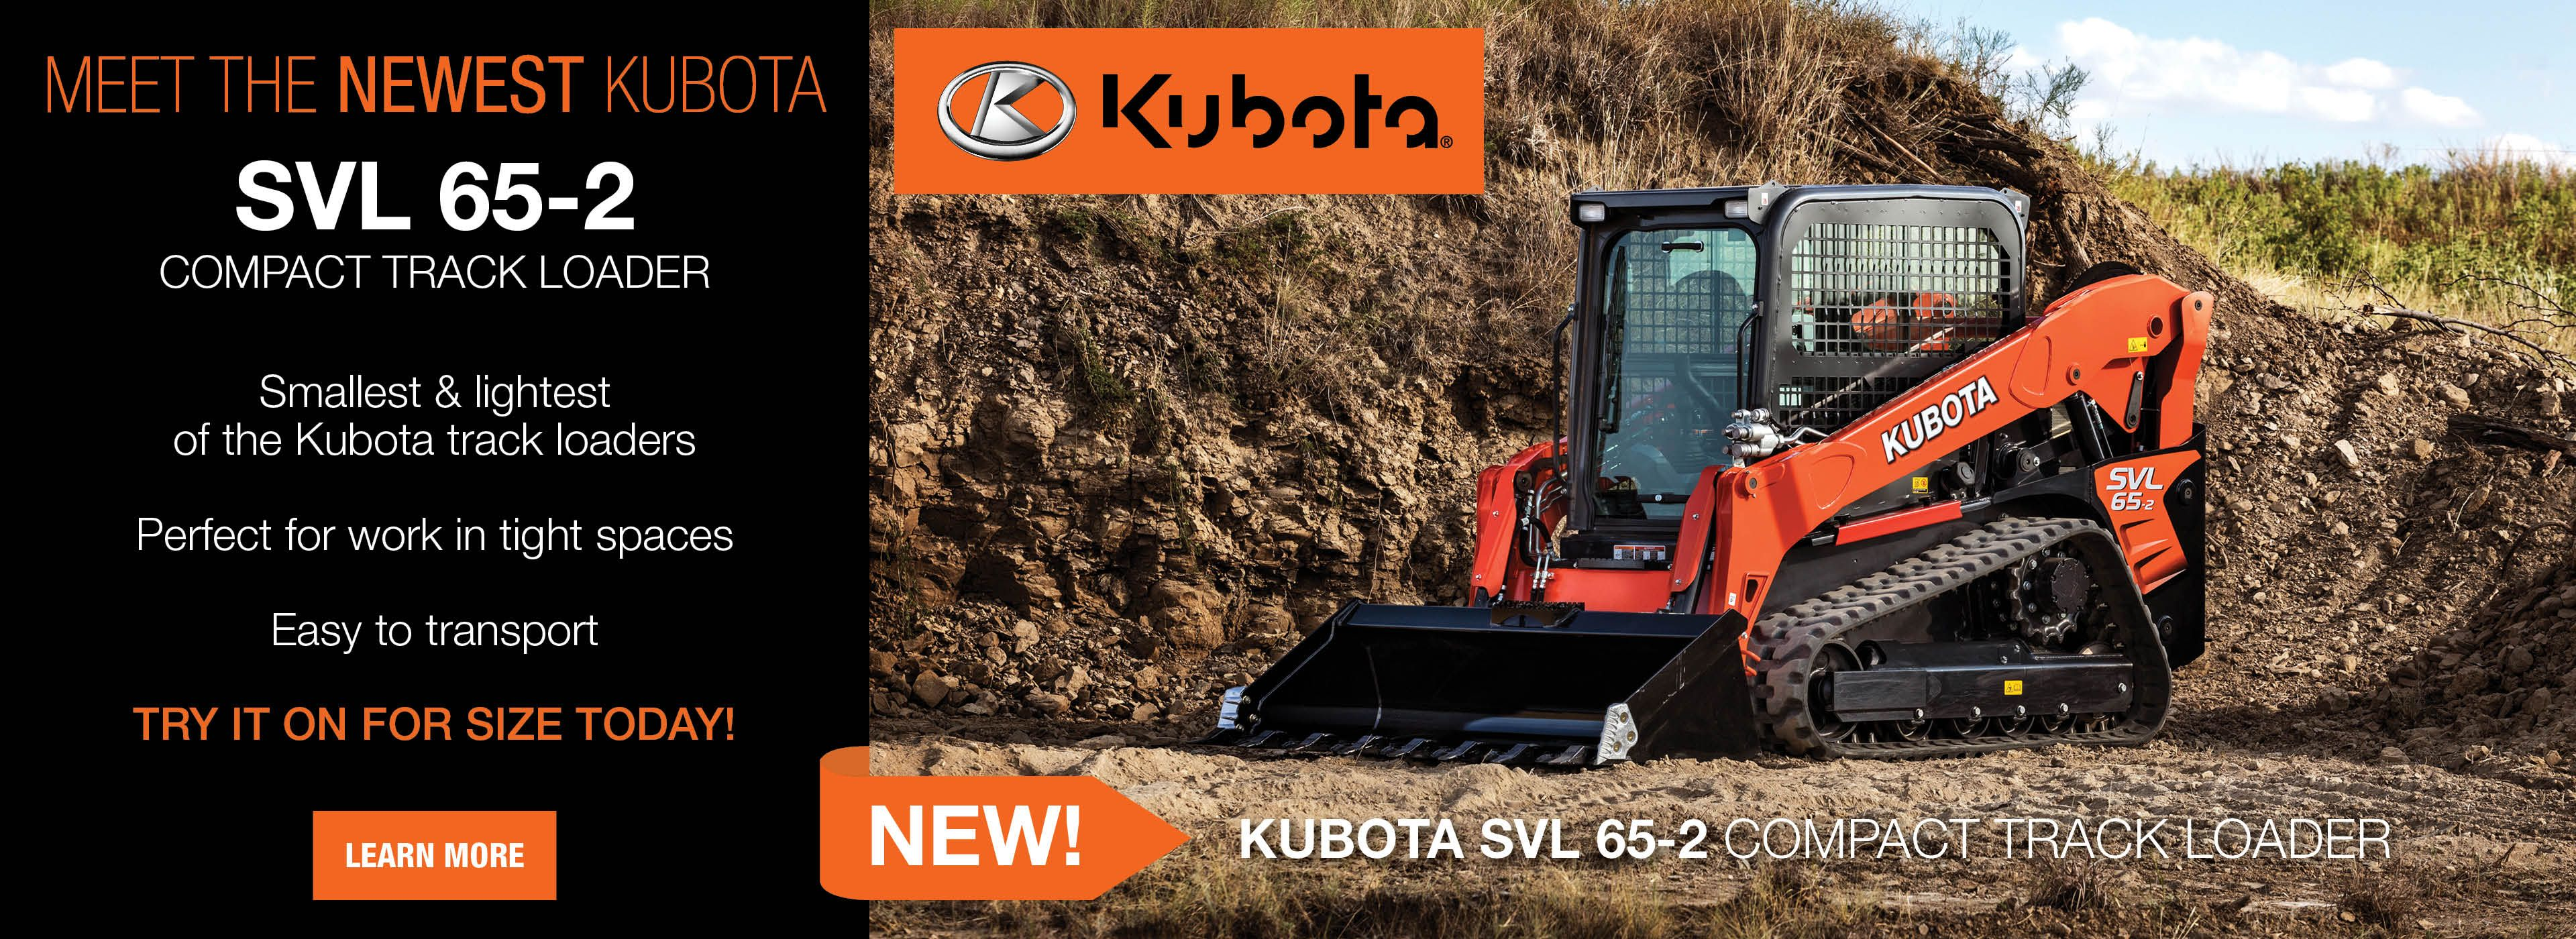 NEW Kubota SVL65-2!